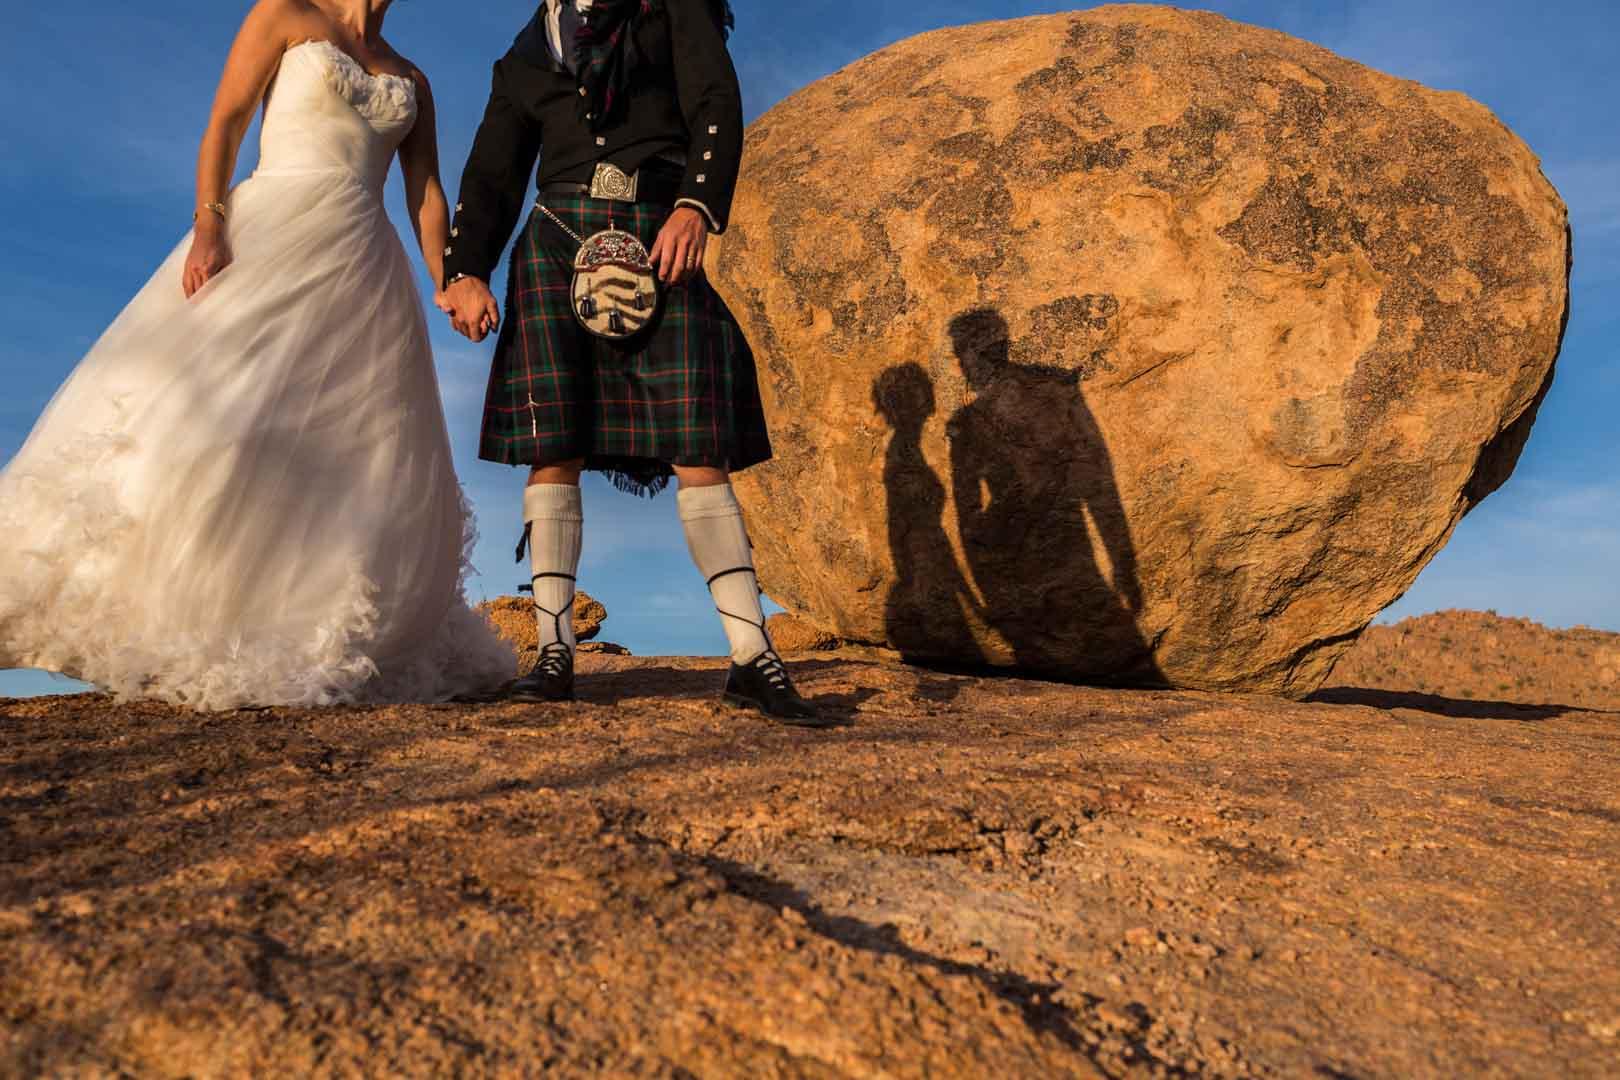 Mariage en kilt dans les terres arides de Namibie